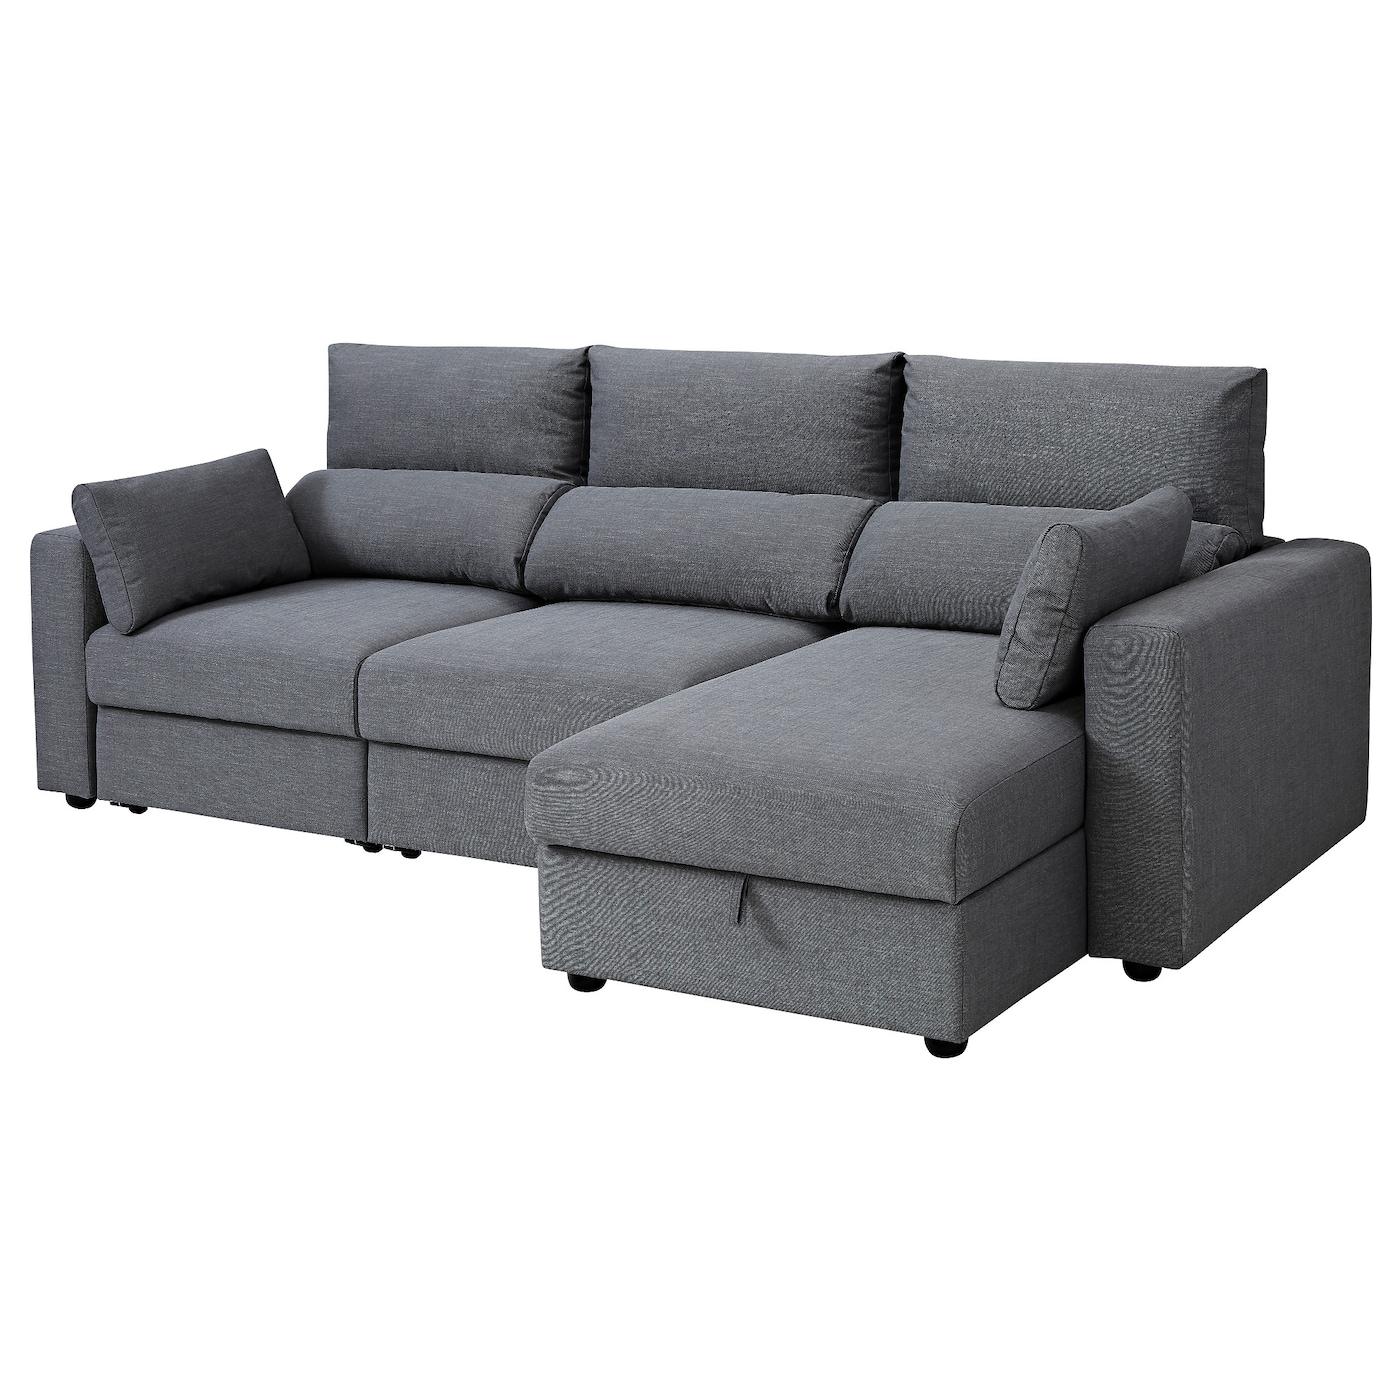 Sofás De 3 Plazas Compra Online Ikea